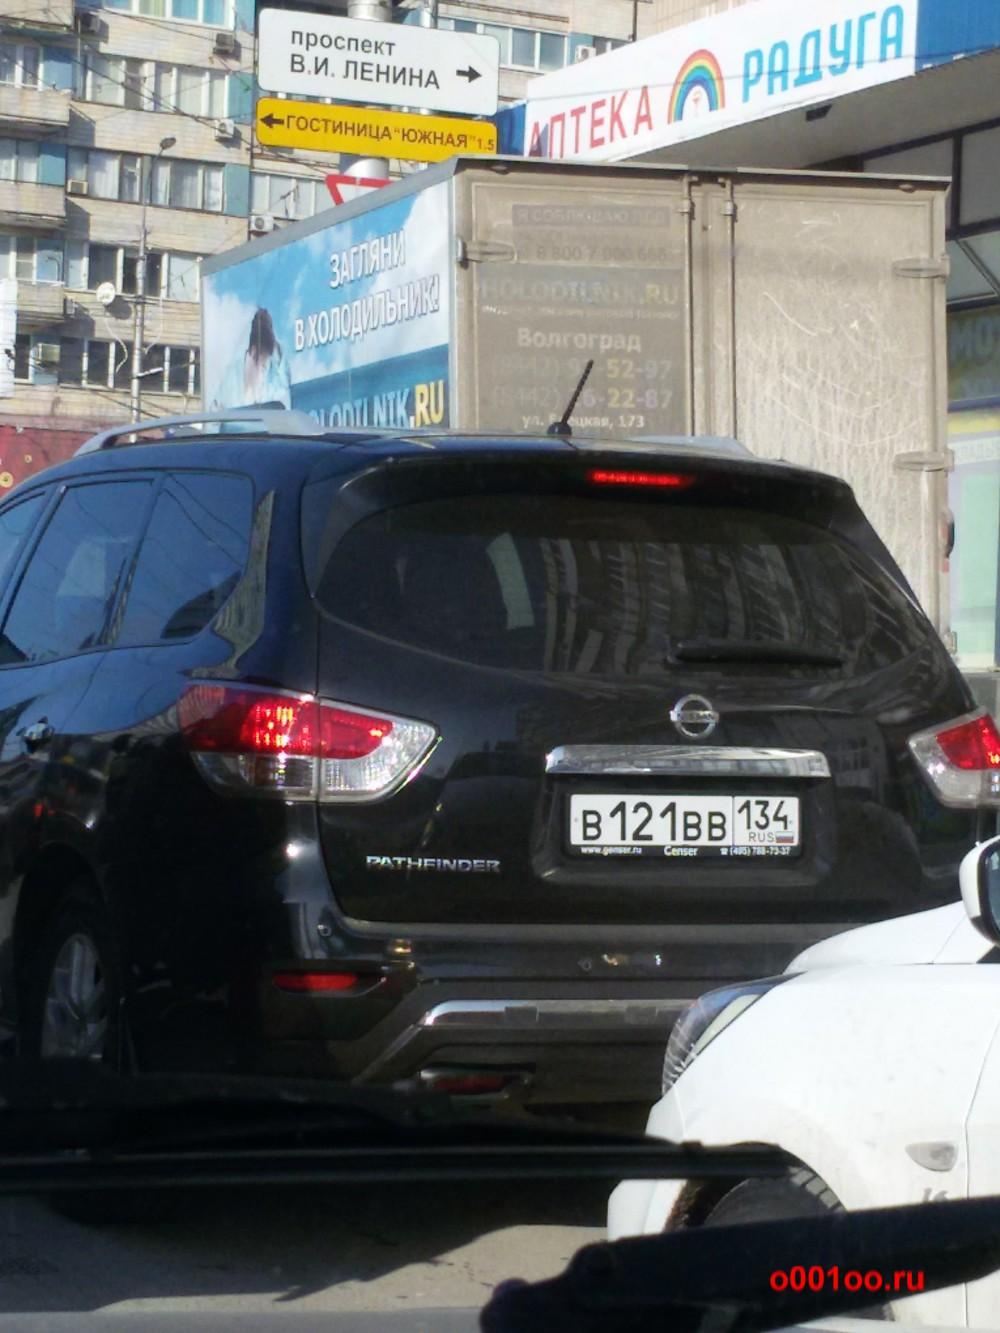 В121вв134